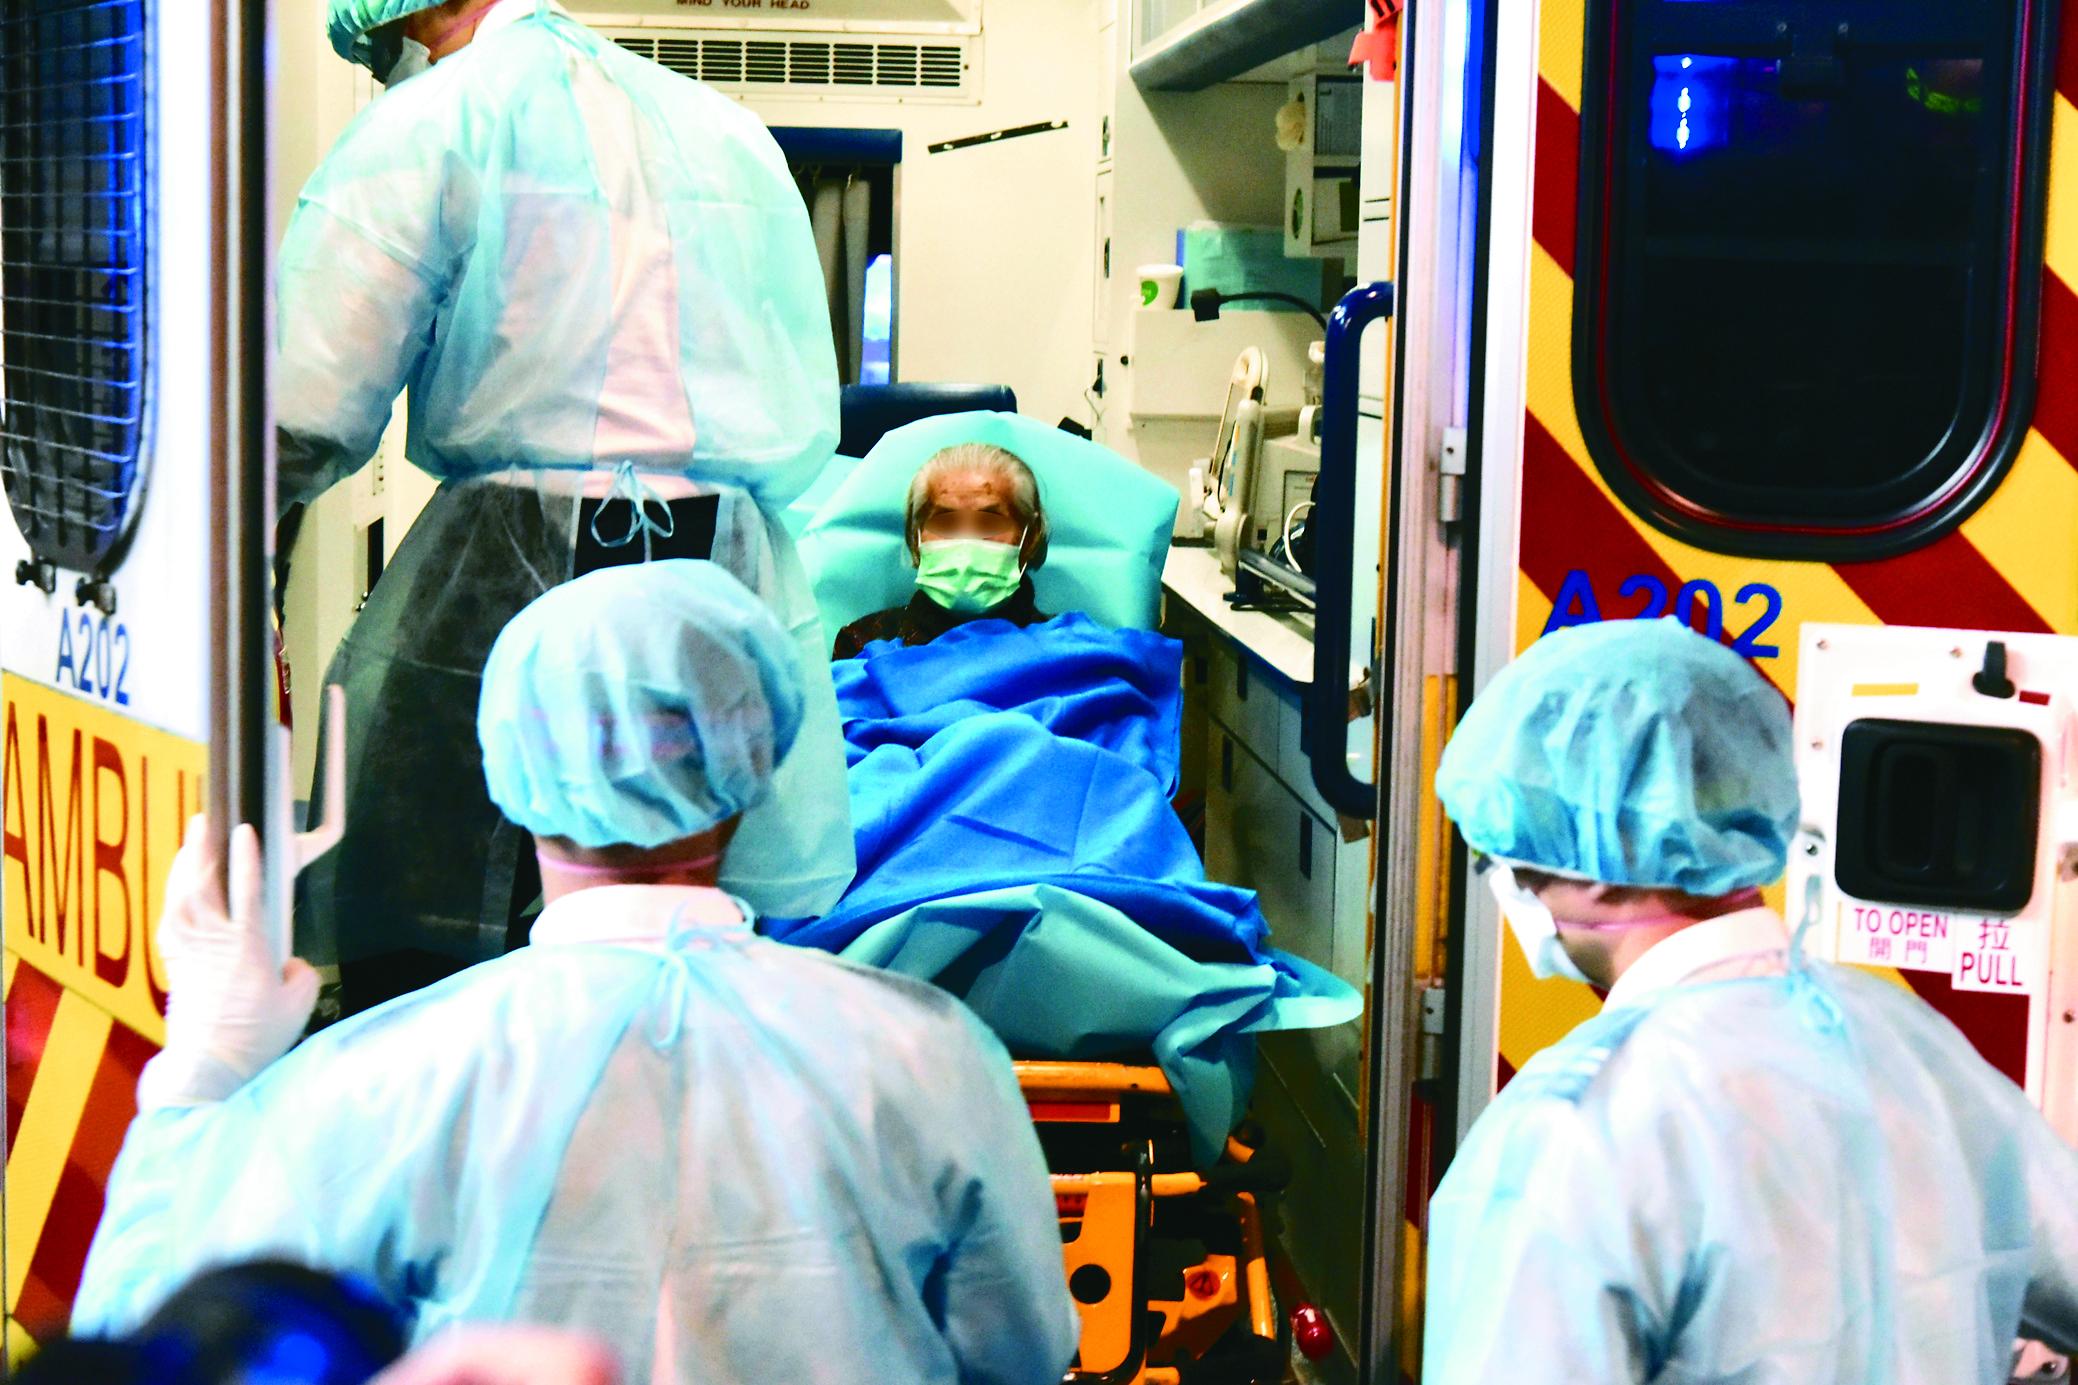 香港北角美輪大廈23日晚上再有一人由身穿保護衣的救護人員協助下抬上救護車送醫。(中新社)